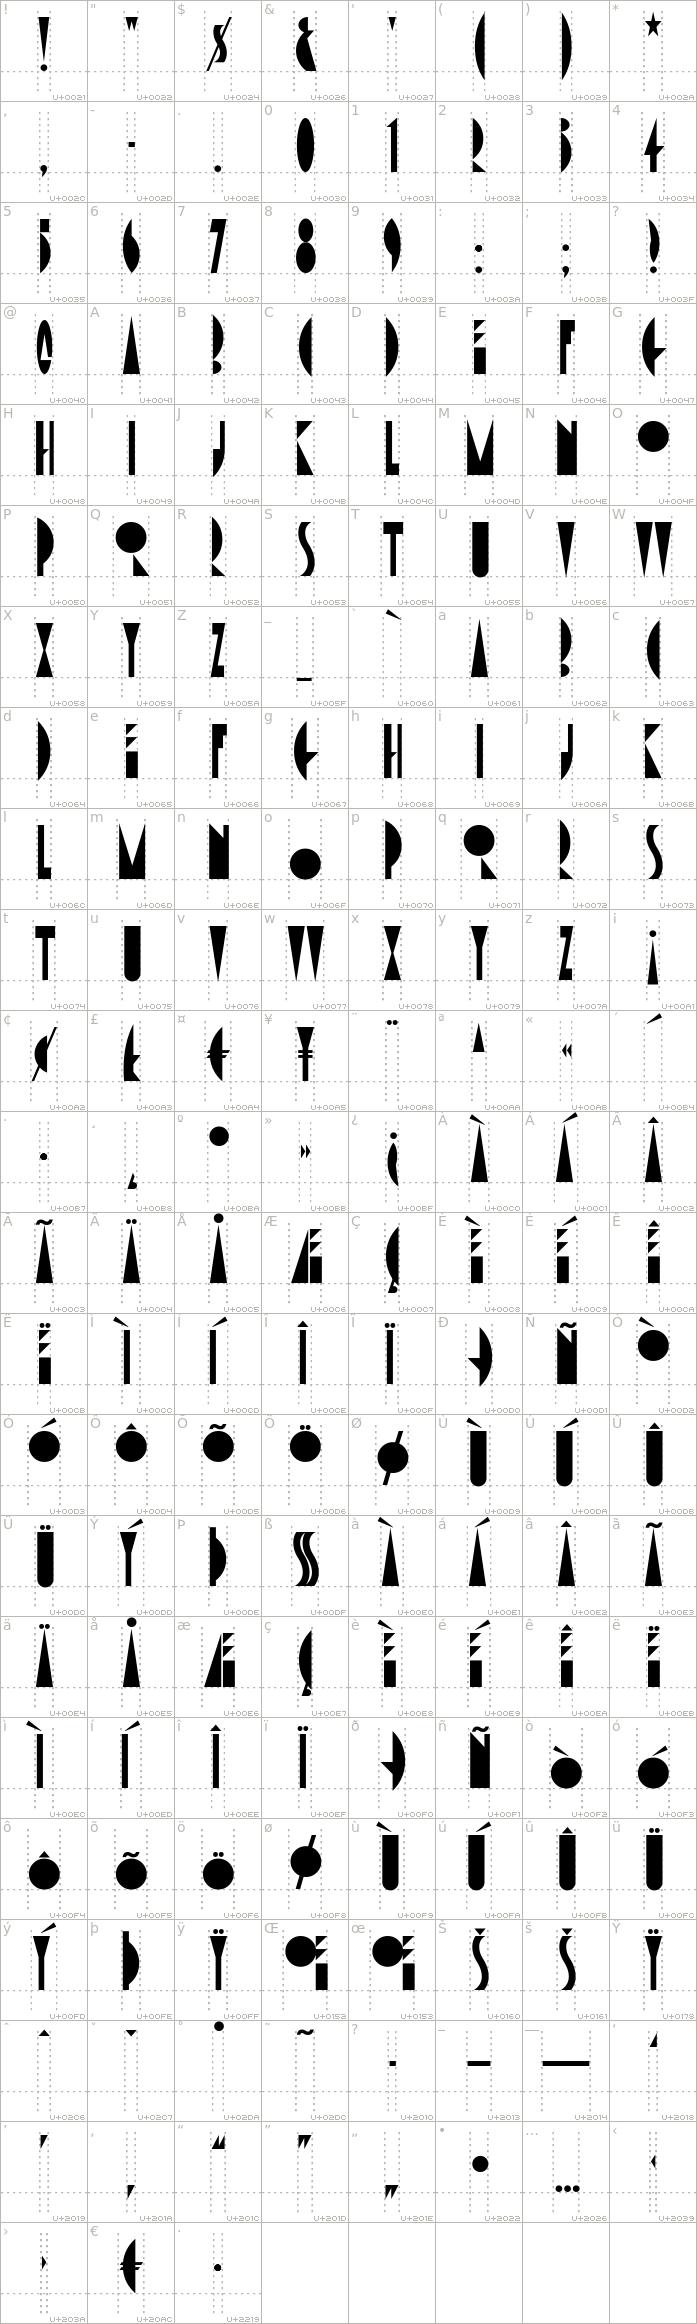 amsterdamtangram.regular.character-map-1